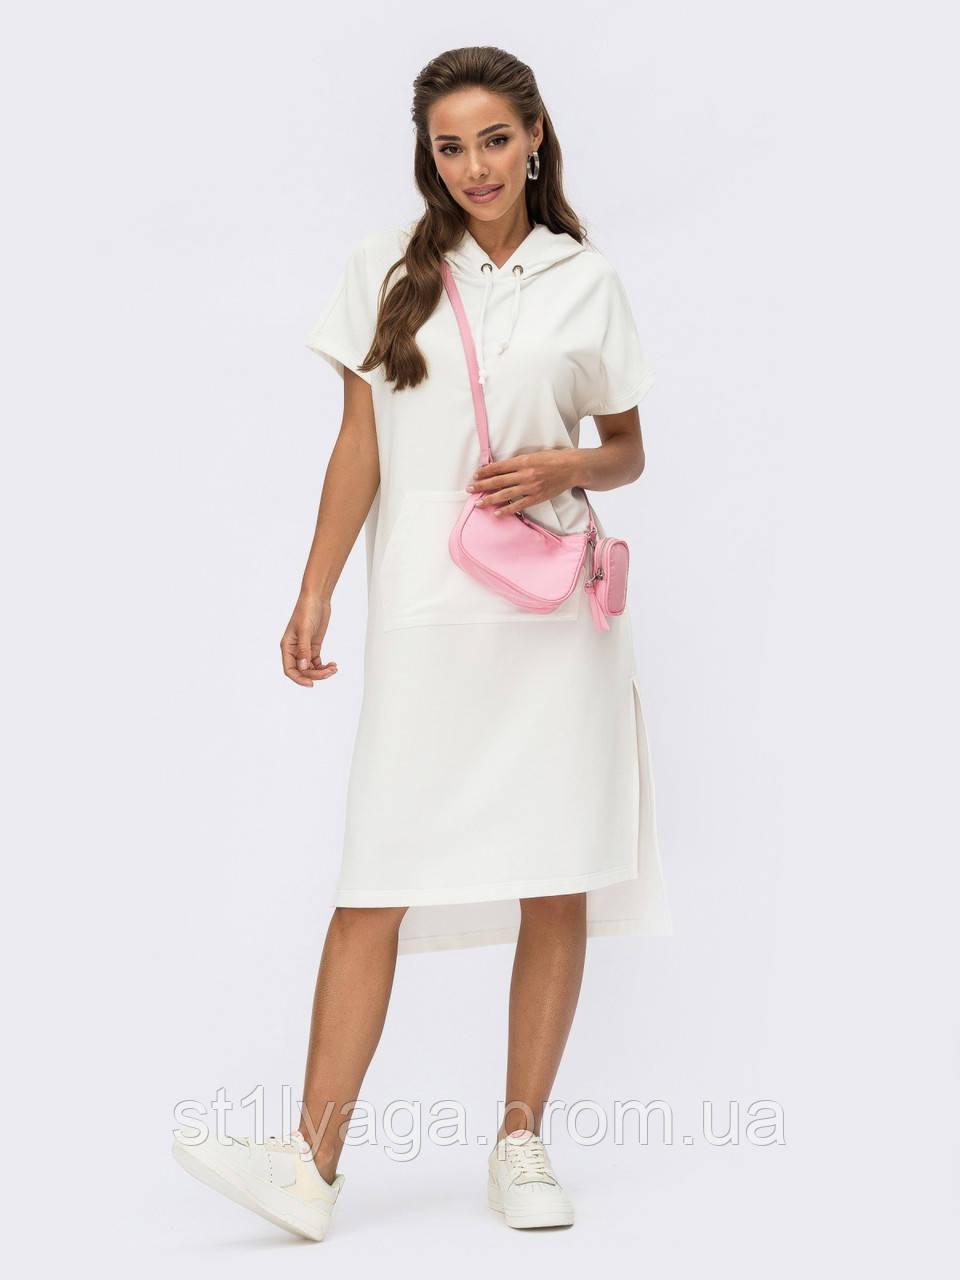 Сукня в спортивному стилі з коміром-хомут